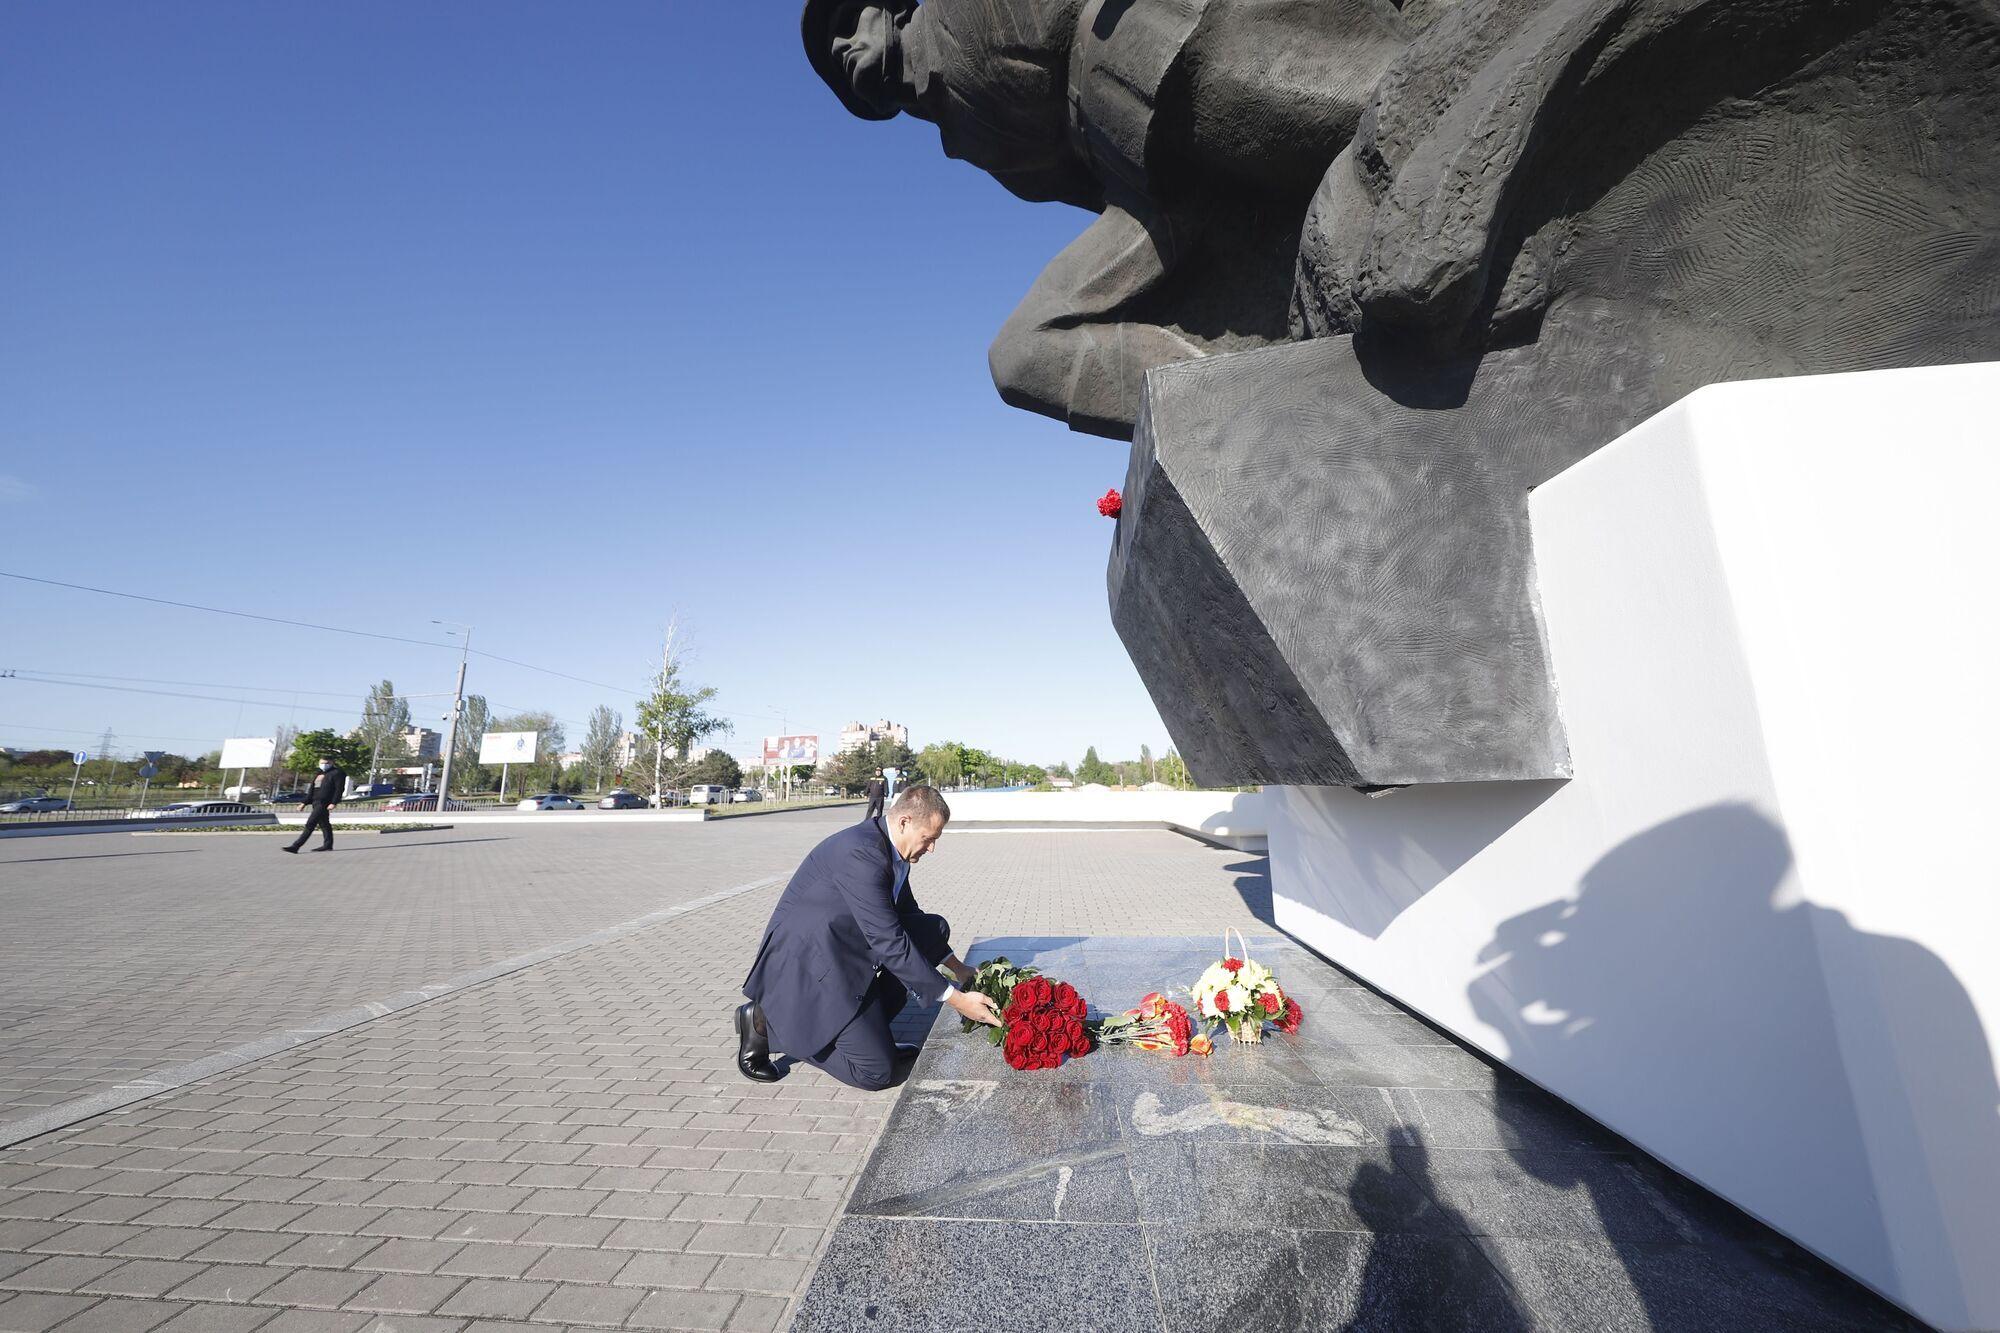 """Борис Філатов про День Перемоги: """"Це свято має бути без партійних прапорів і спекуляцій"""""""